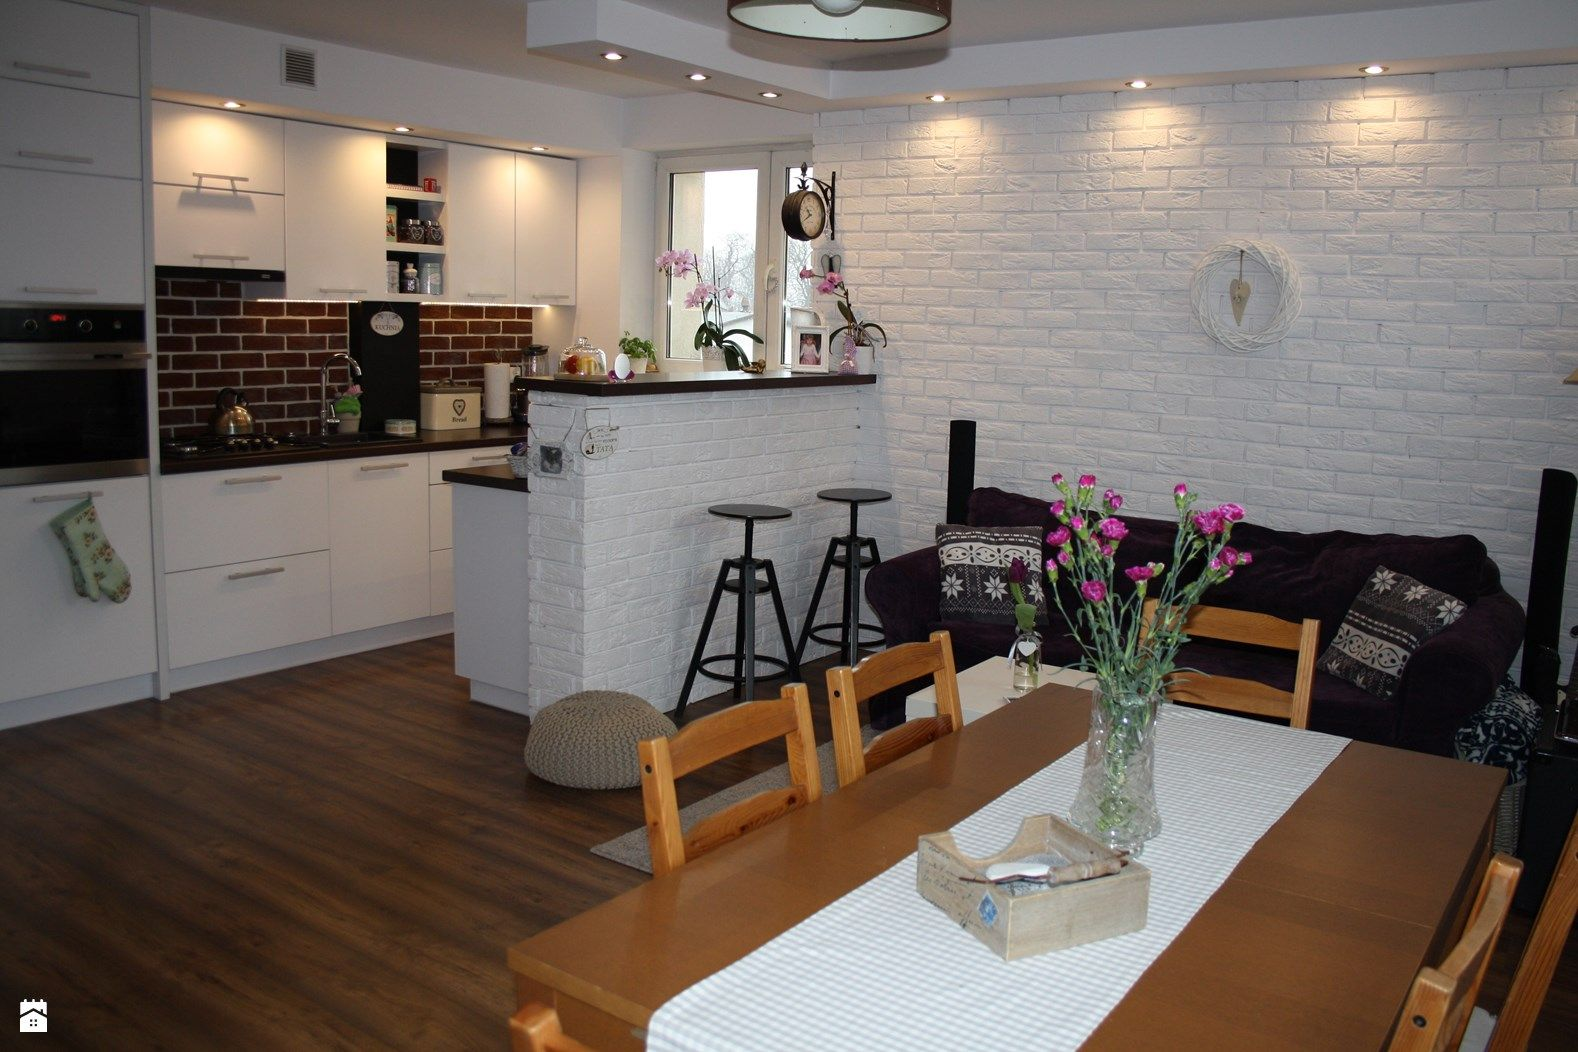 kuchnia otwarta na salon  zdjęcie od Aneta Czubaszek